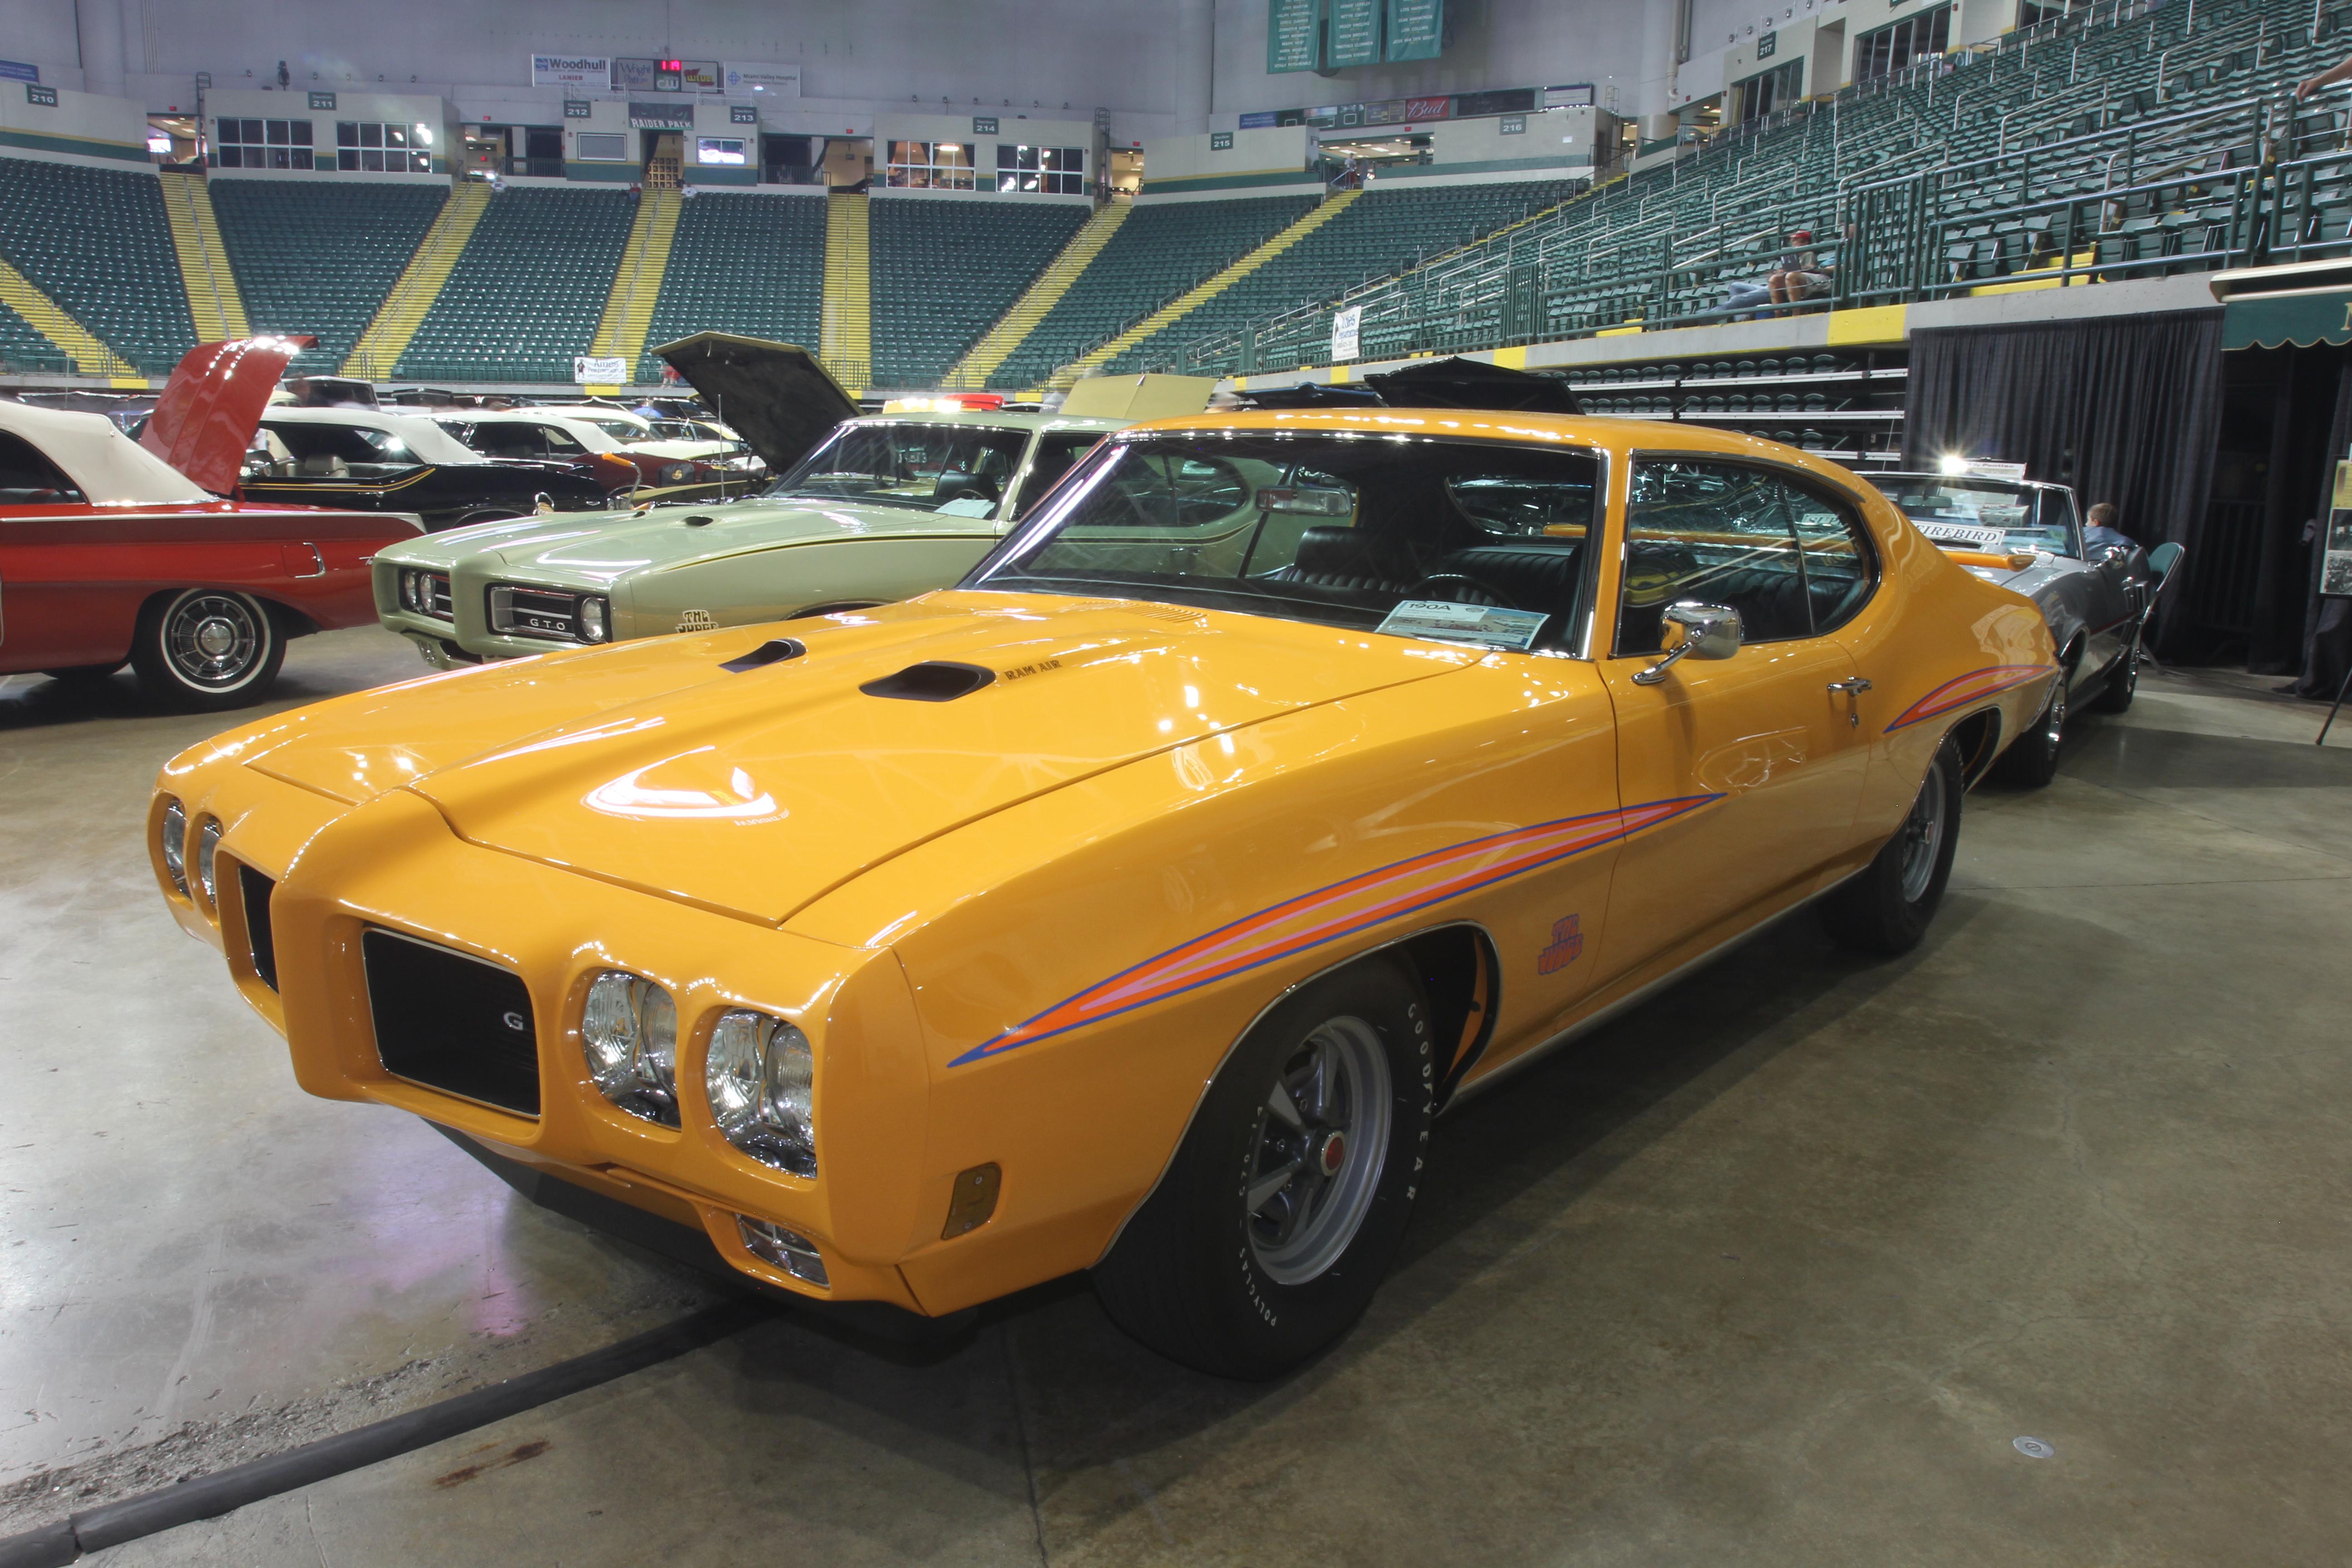 1970 GTO Judge 5184x3456